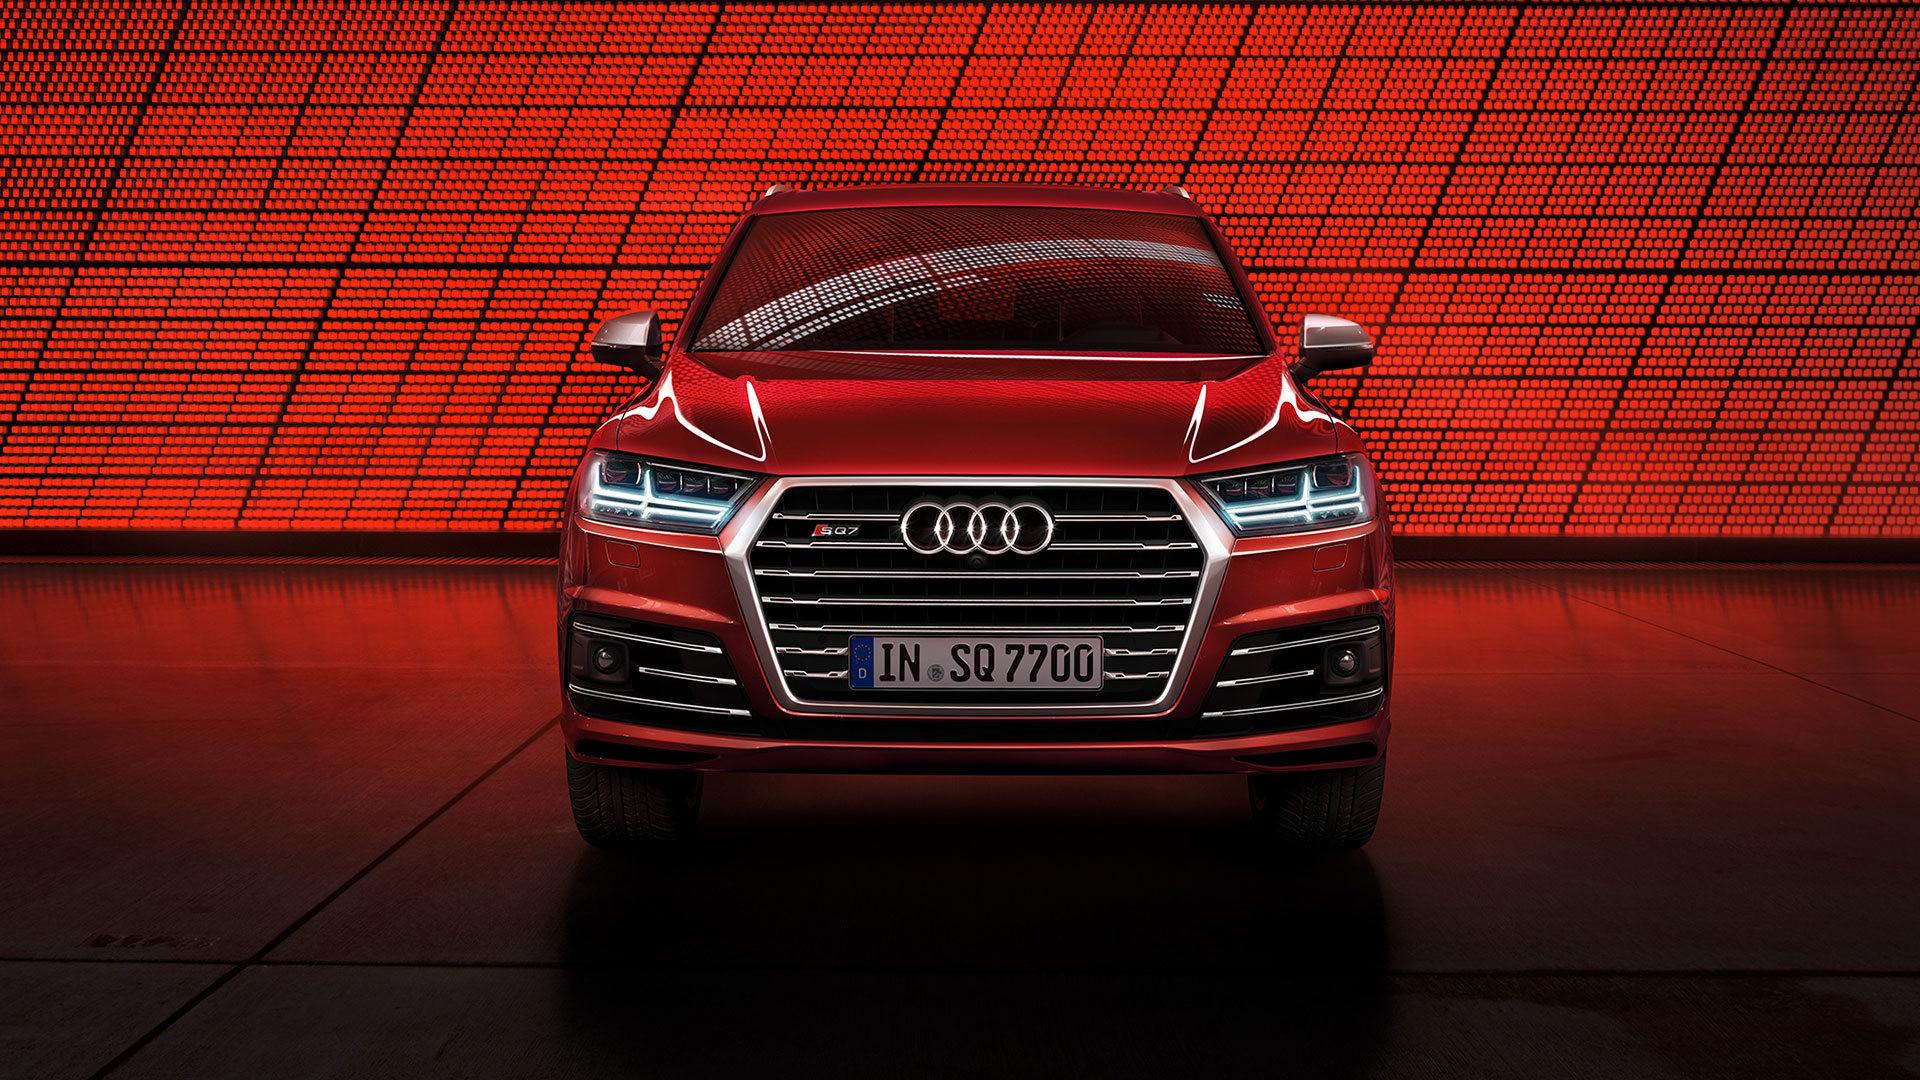 Sichern Sie sich jetzt den Audi SQ7 für Gewerbekunden bei Tiemeyer!